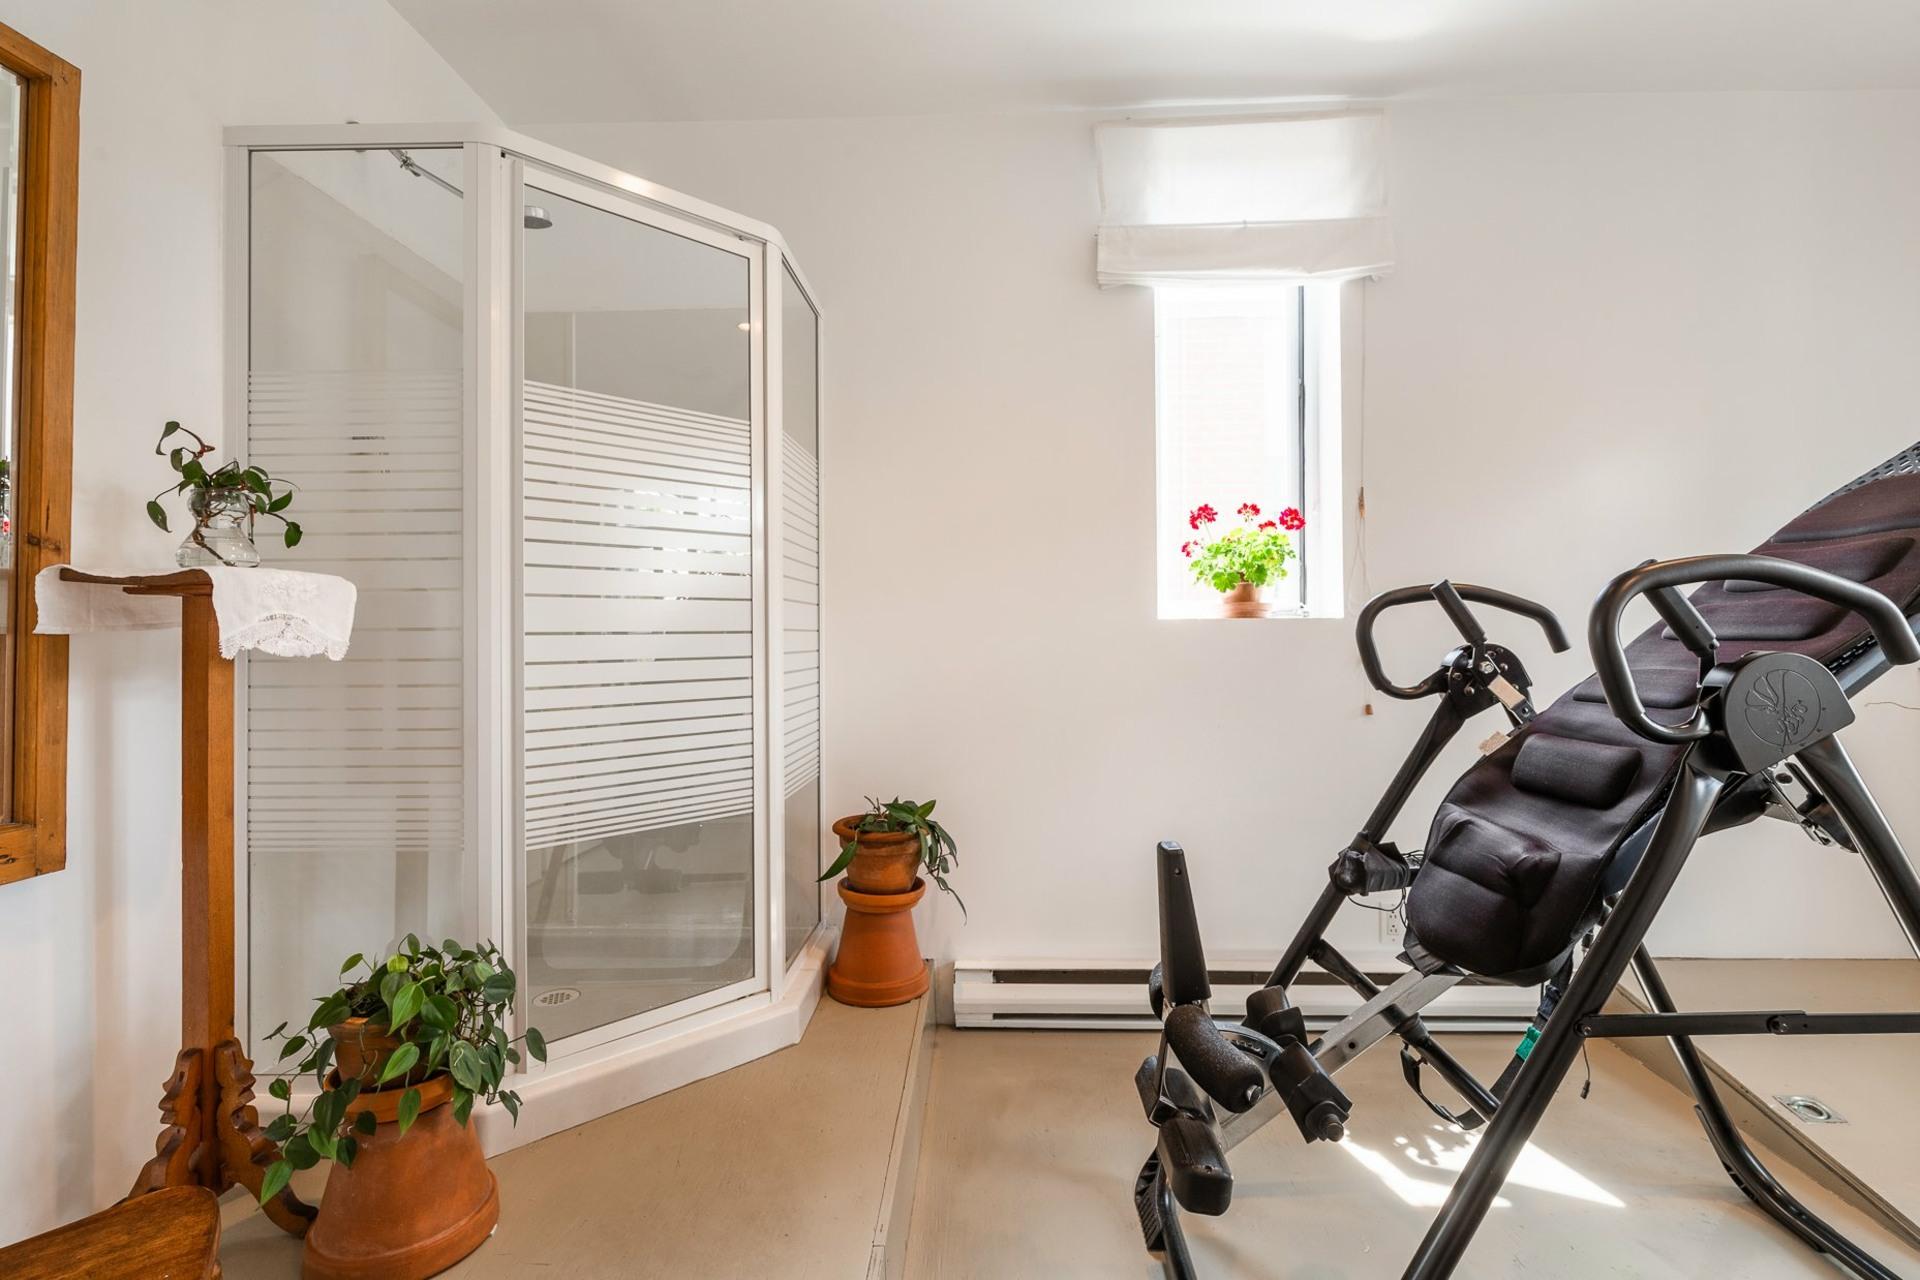 image 18 - Apartment For sale Le Plateau-Mont-Royal Montréal  - 8 rooms